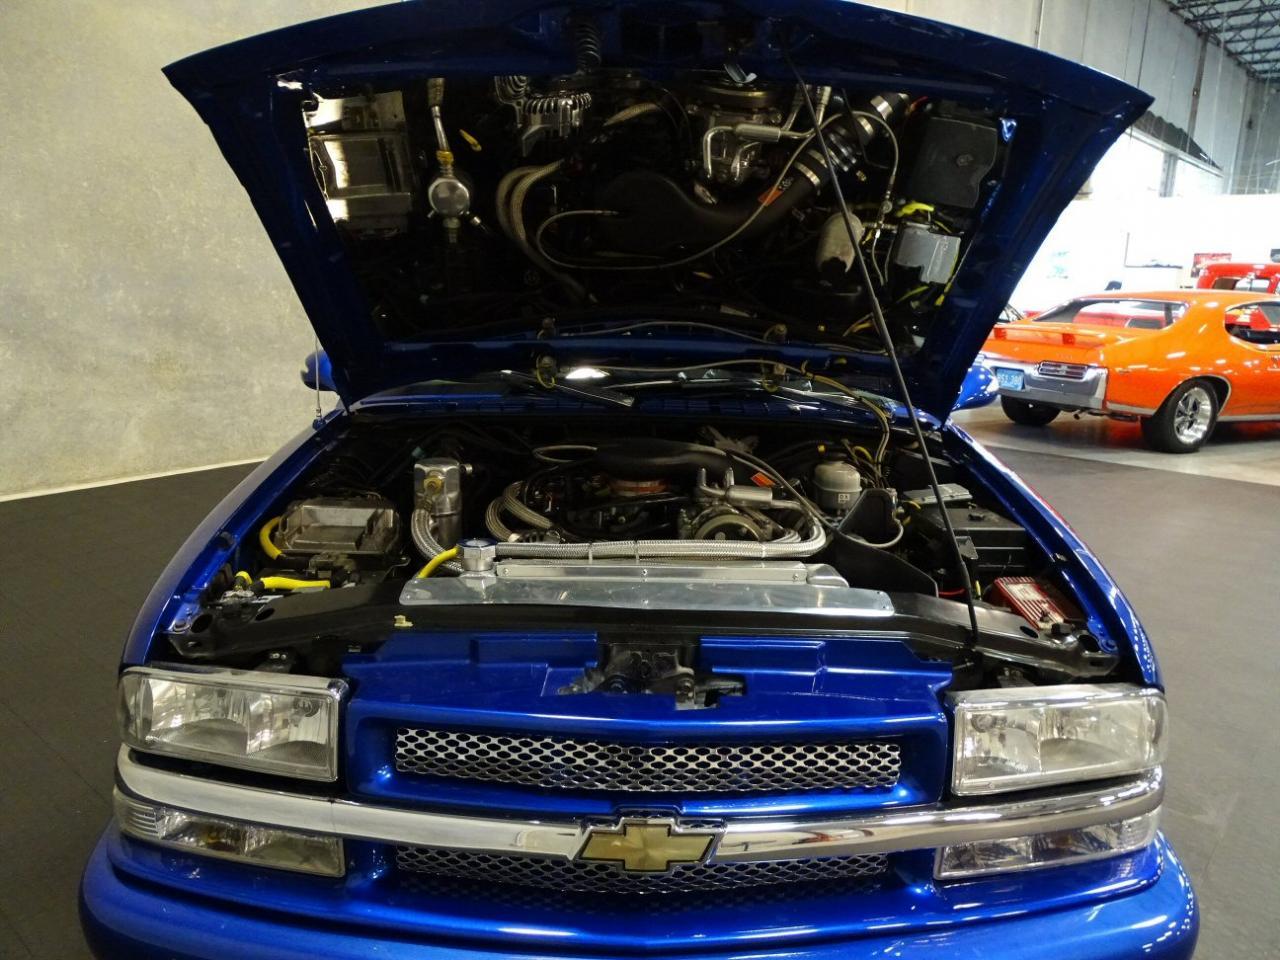 2001 Chevrolet S10 13